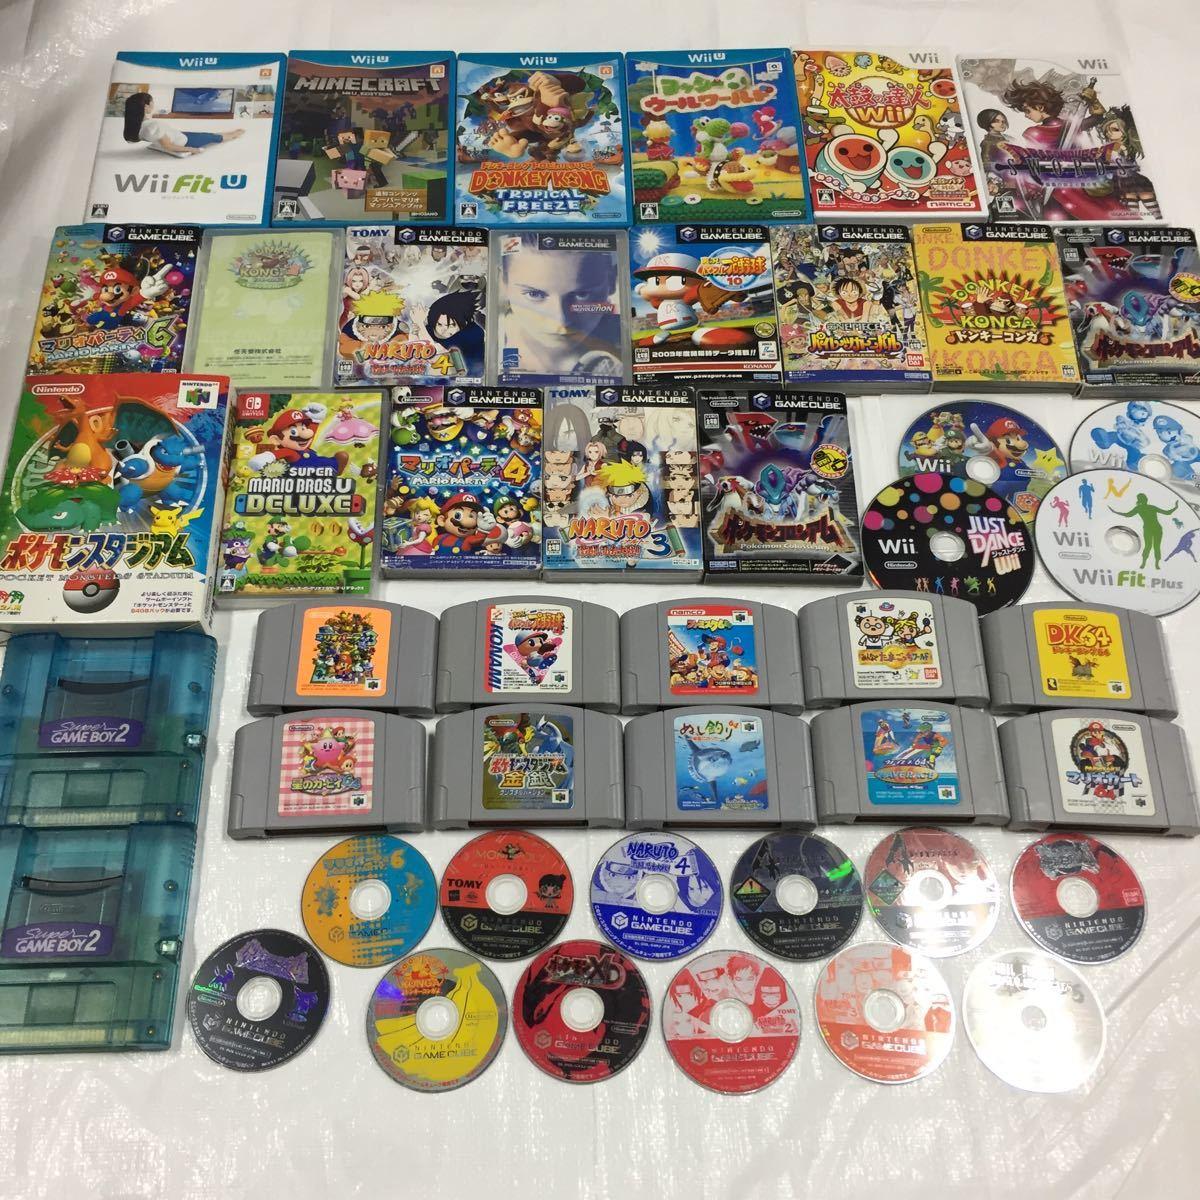 【ジャンク】Wii Wiiu ゲームボーイ ニンテンドー64 ゲームキューブ スイッチ ニンテンドーゲームソフトまとめ売り ソフト大量セット